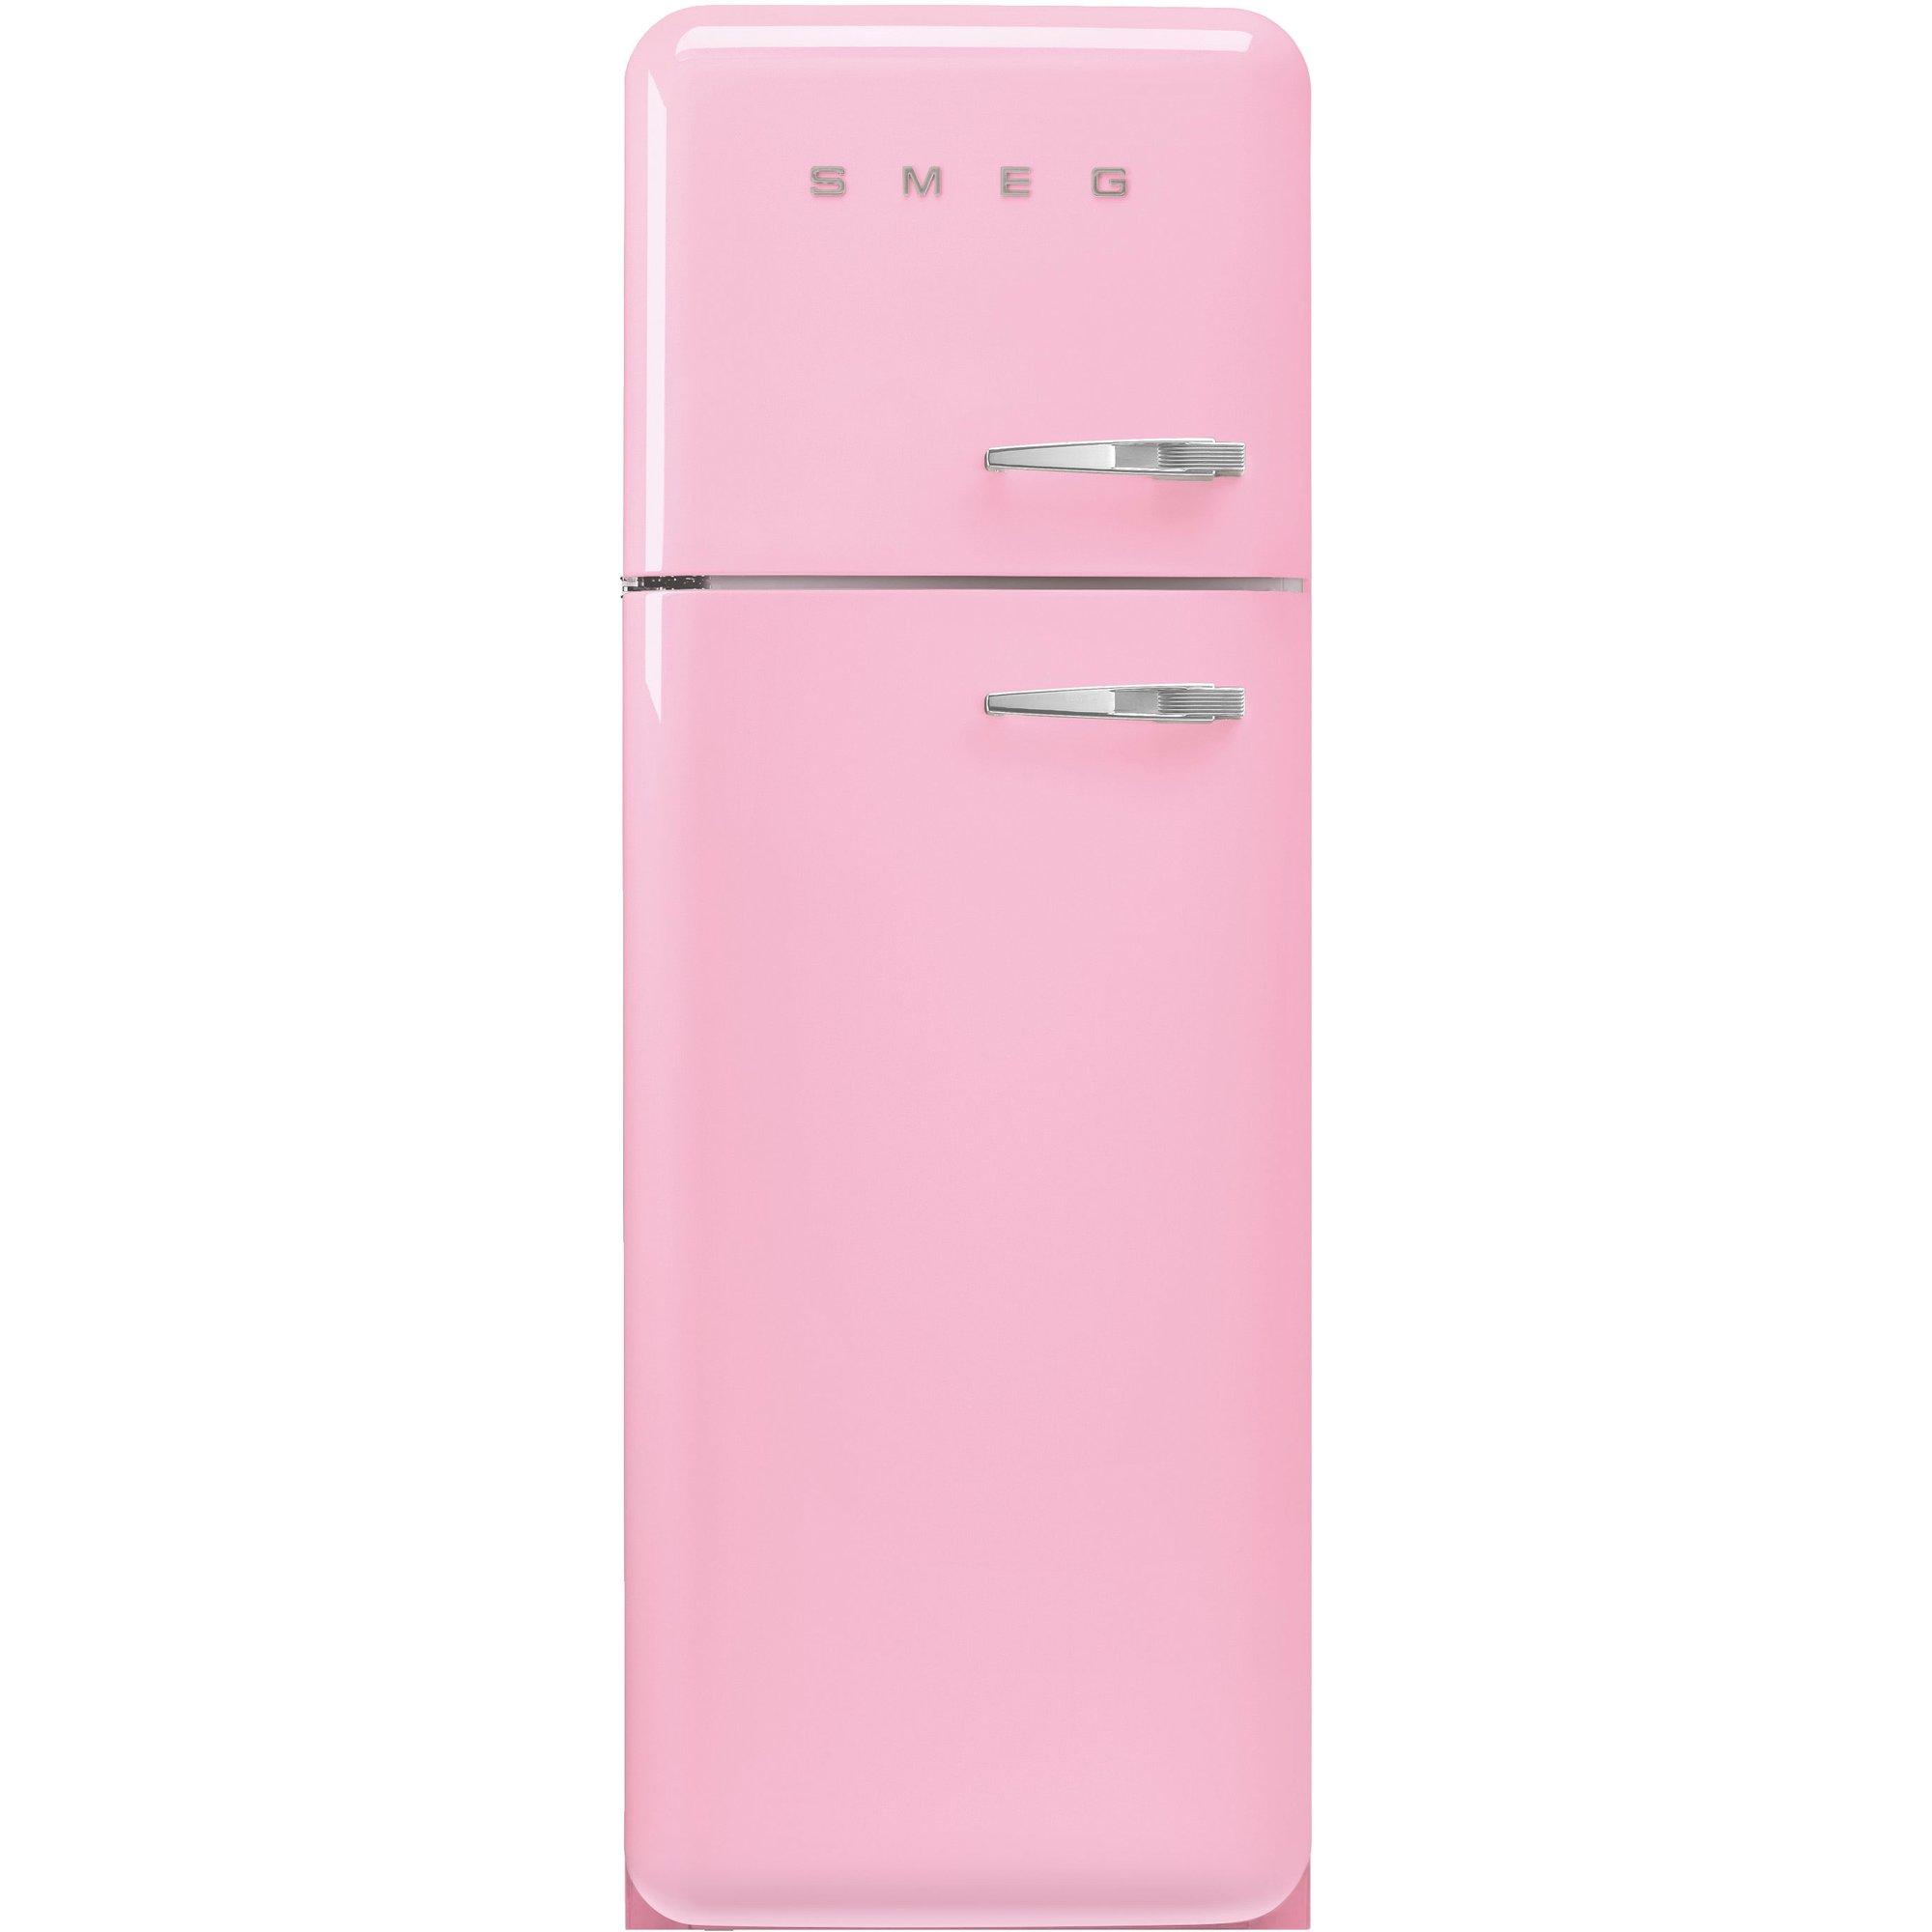 Smeg FAB30LPK5 Køle-/fryseskab pink